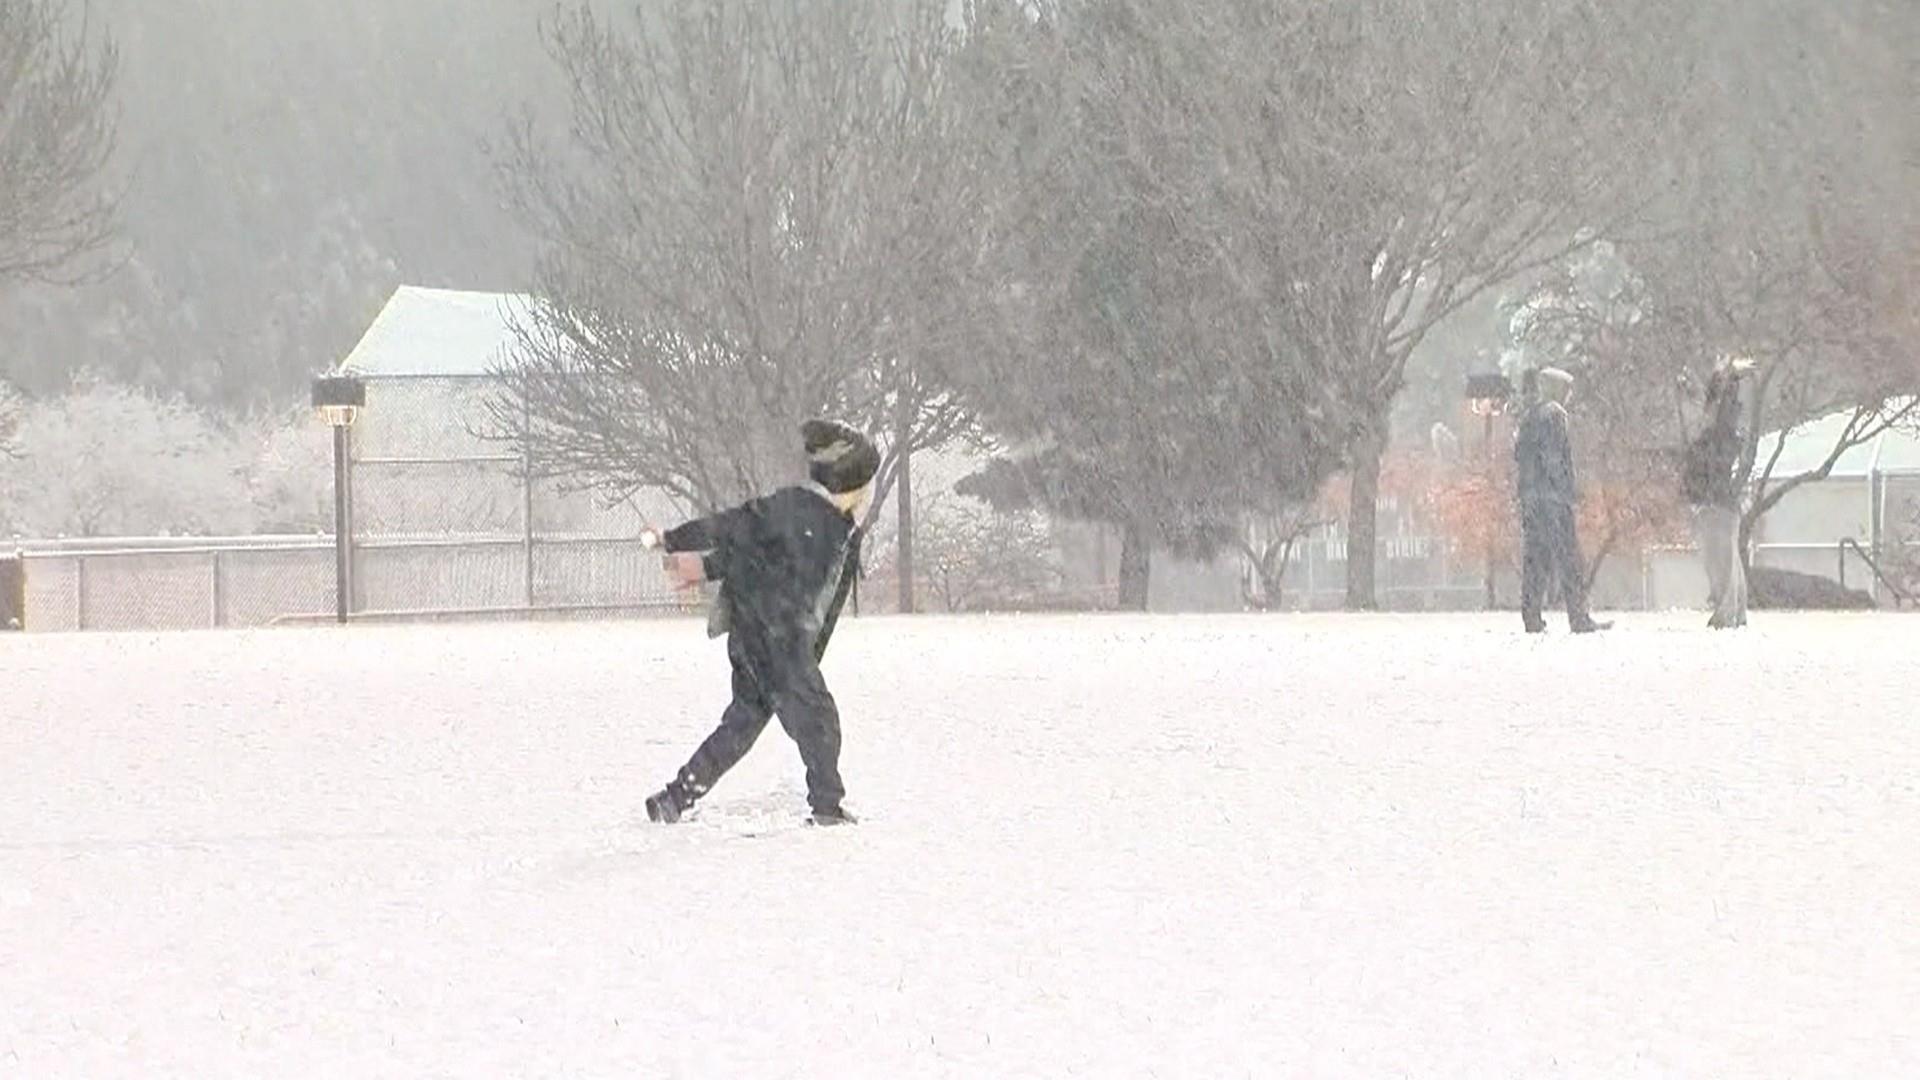 A winter wonderland in Las Vegas? Snow closes schools